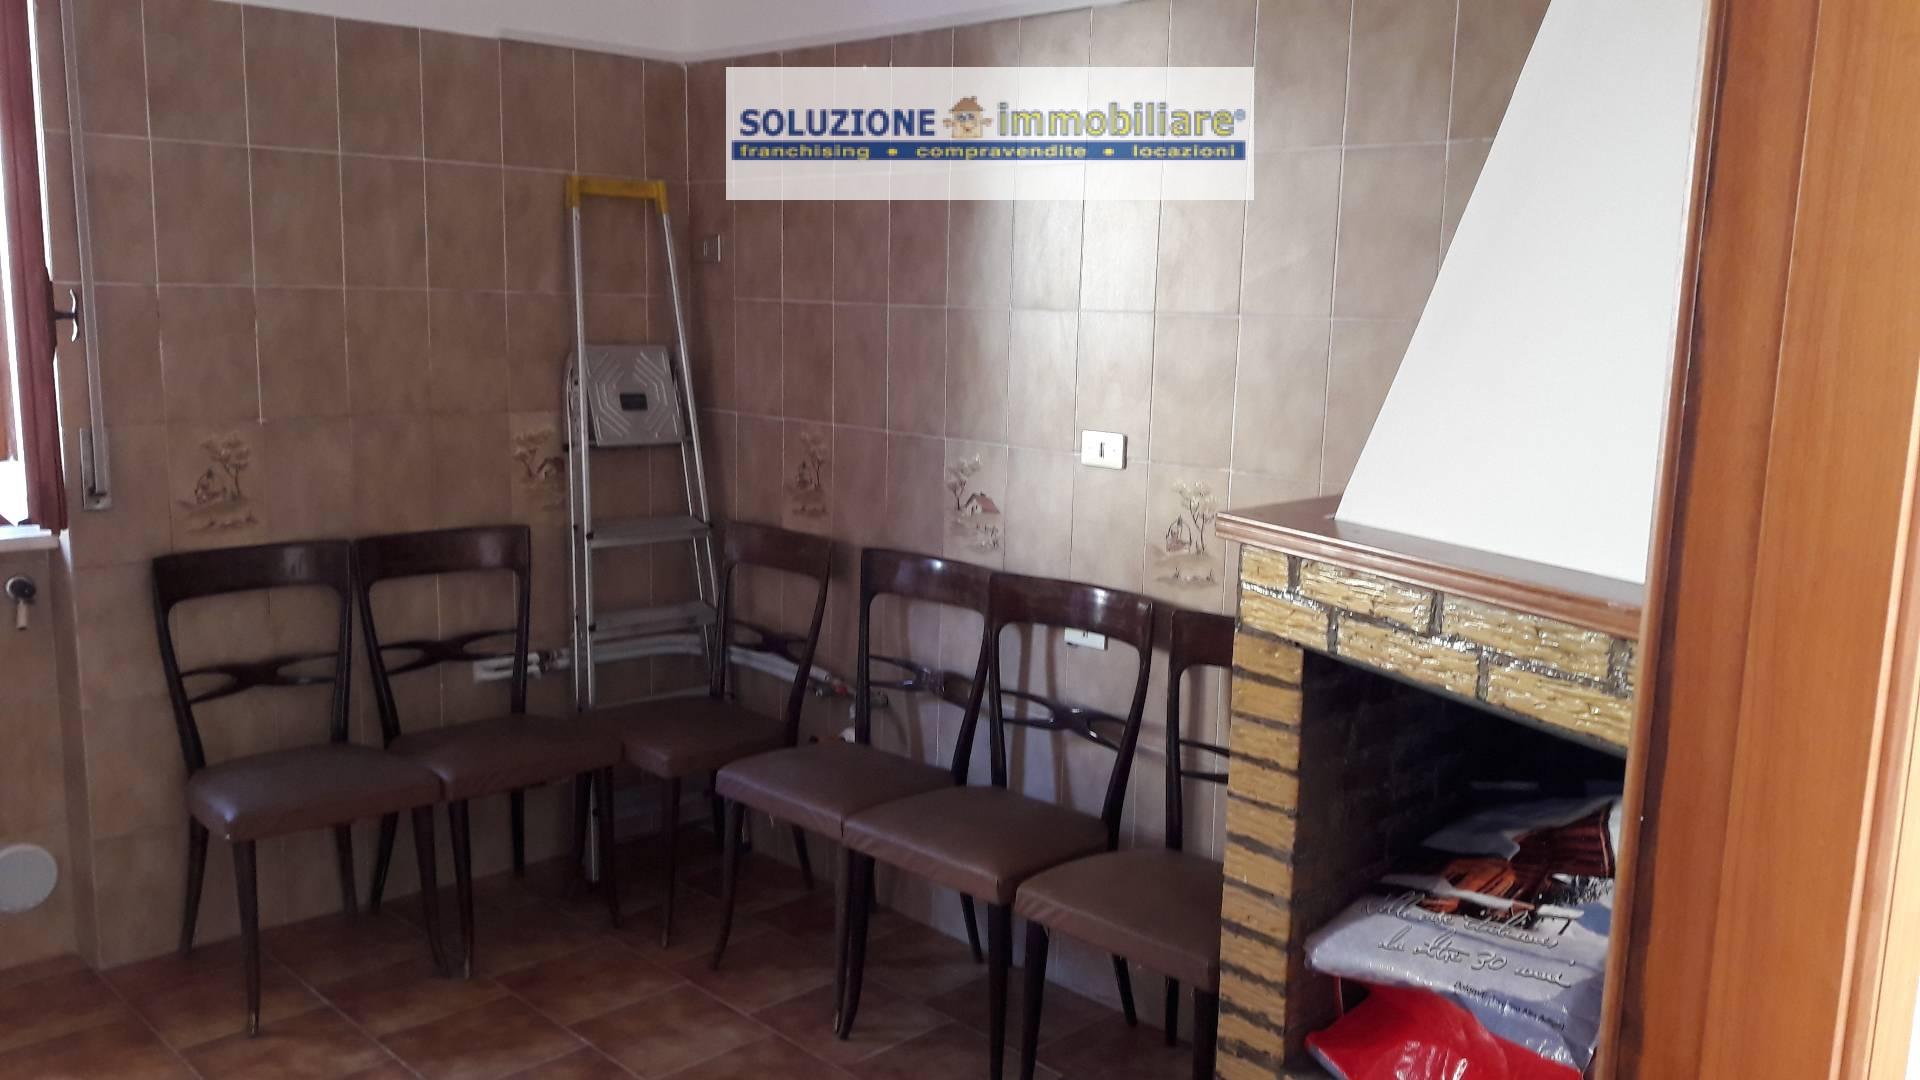 Appartamento in vendita a Villamagna, 5 locali, prezzo € 48.000 | CambioCasa.it